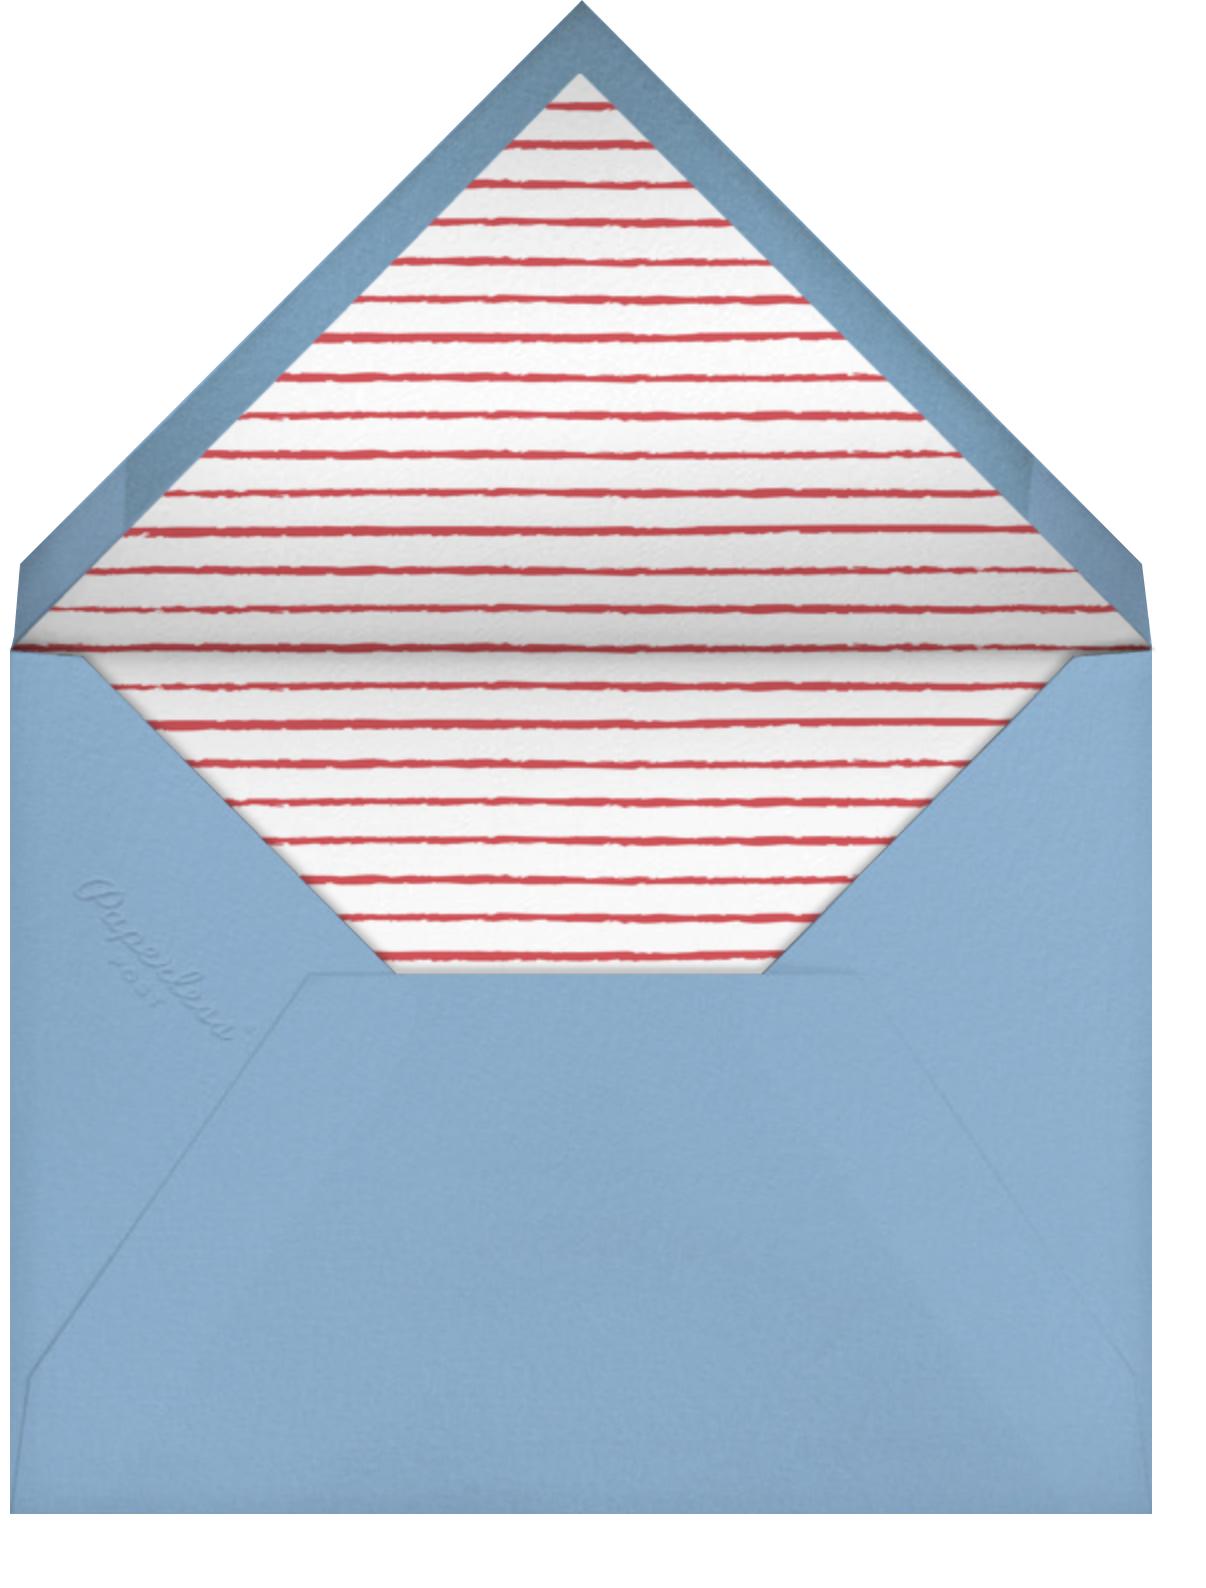 FOUL Jurassic Five - Meri Meri - null - envelope back